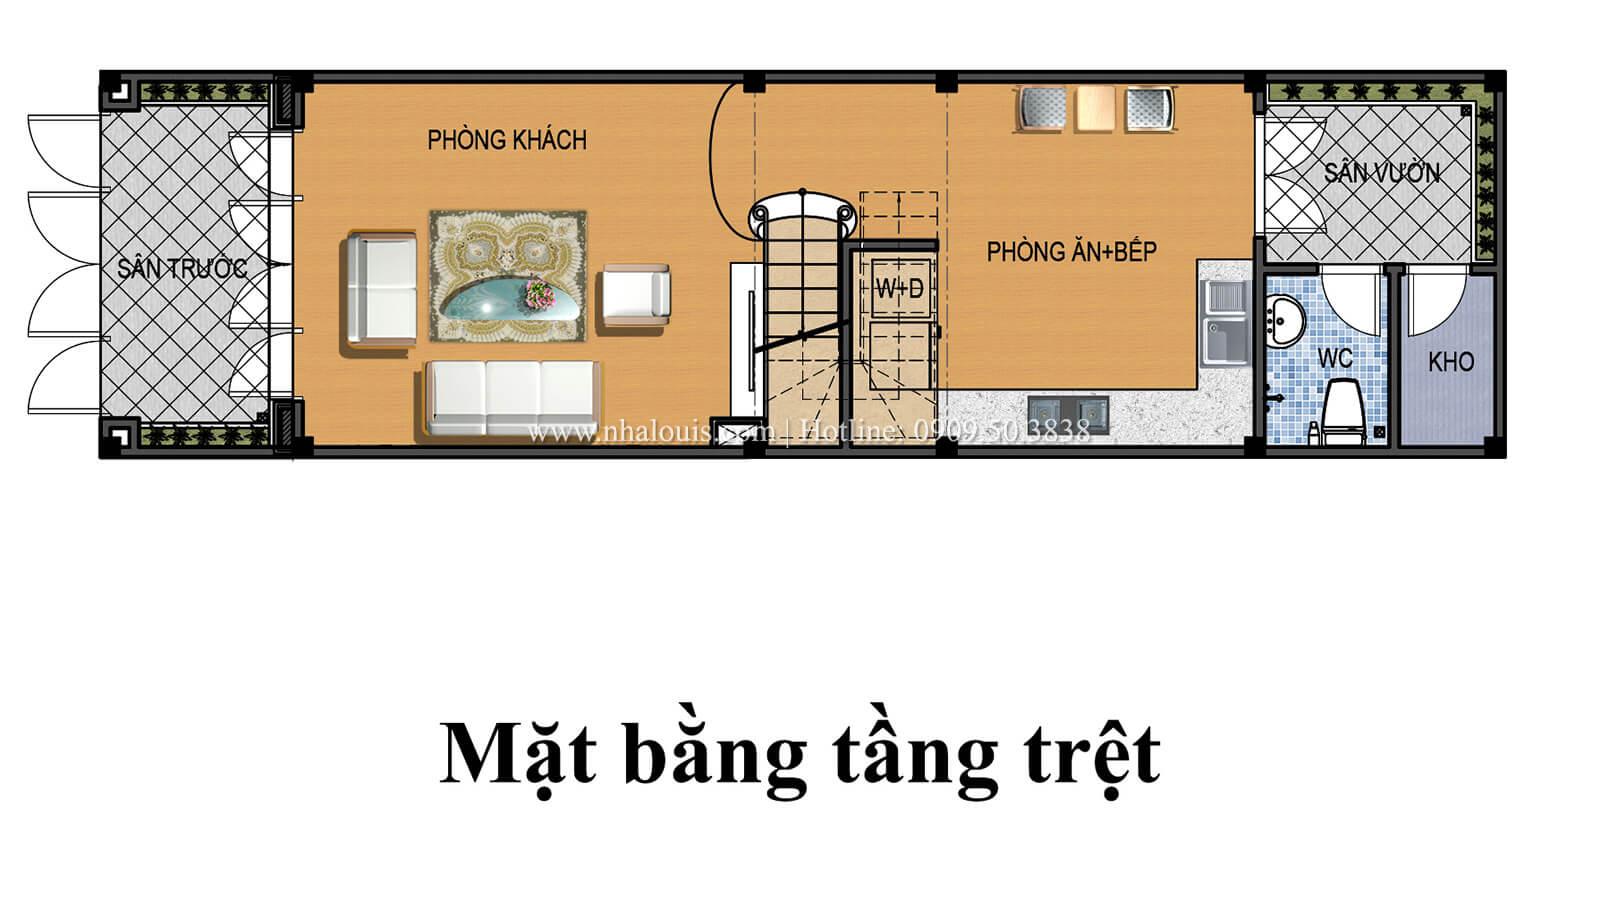 Mặt bằng tầng trệt Nhà 4x15 phong cách tân cổ điển đẹp sang chảnh tại Gò Vấp - 04